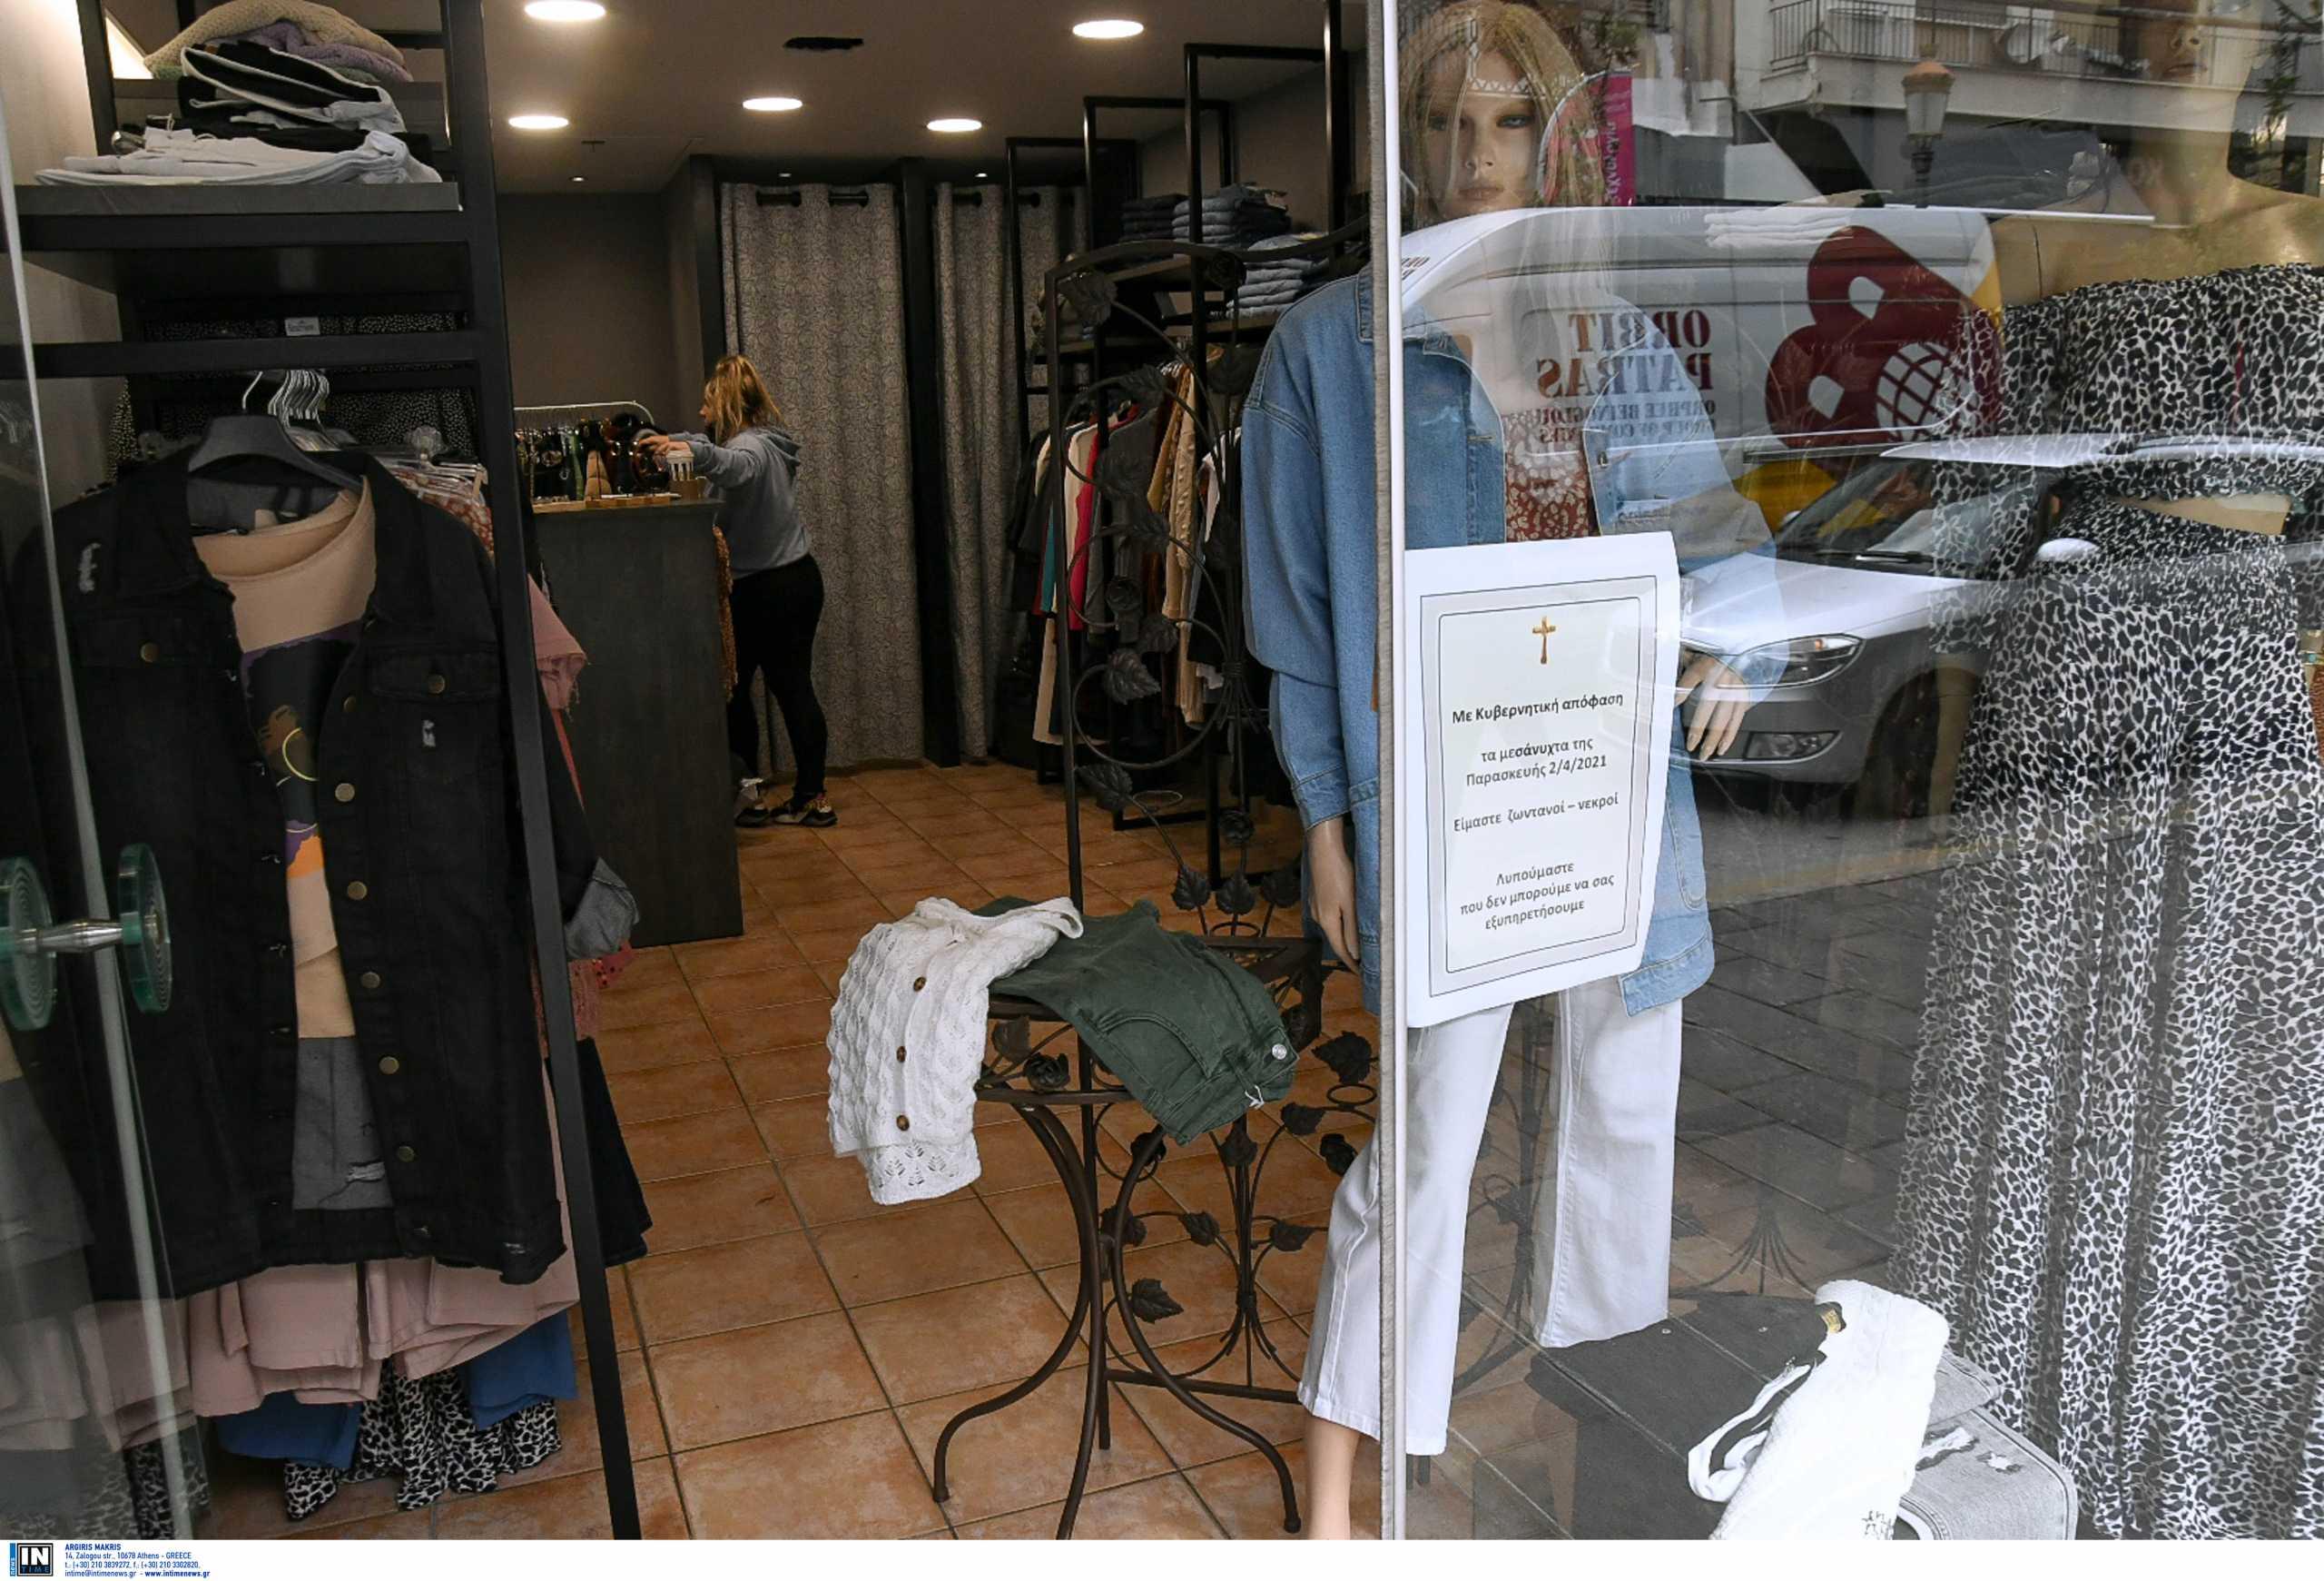 Πάτρα: Ανοιχτήκαμε οικονομικά, αλλά δεν ανοίξαμε, λένε οι έμποροι στο newsit.gr